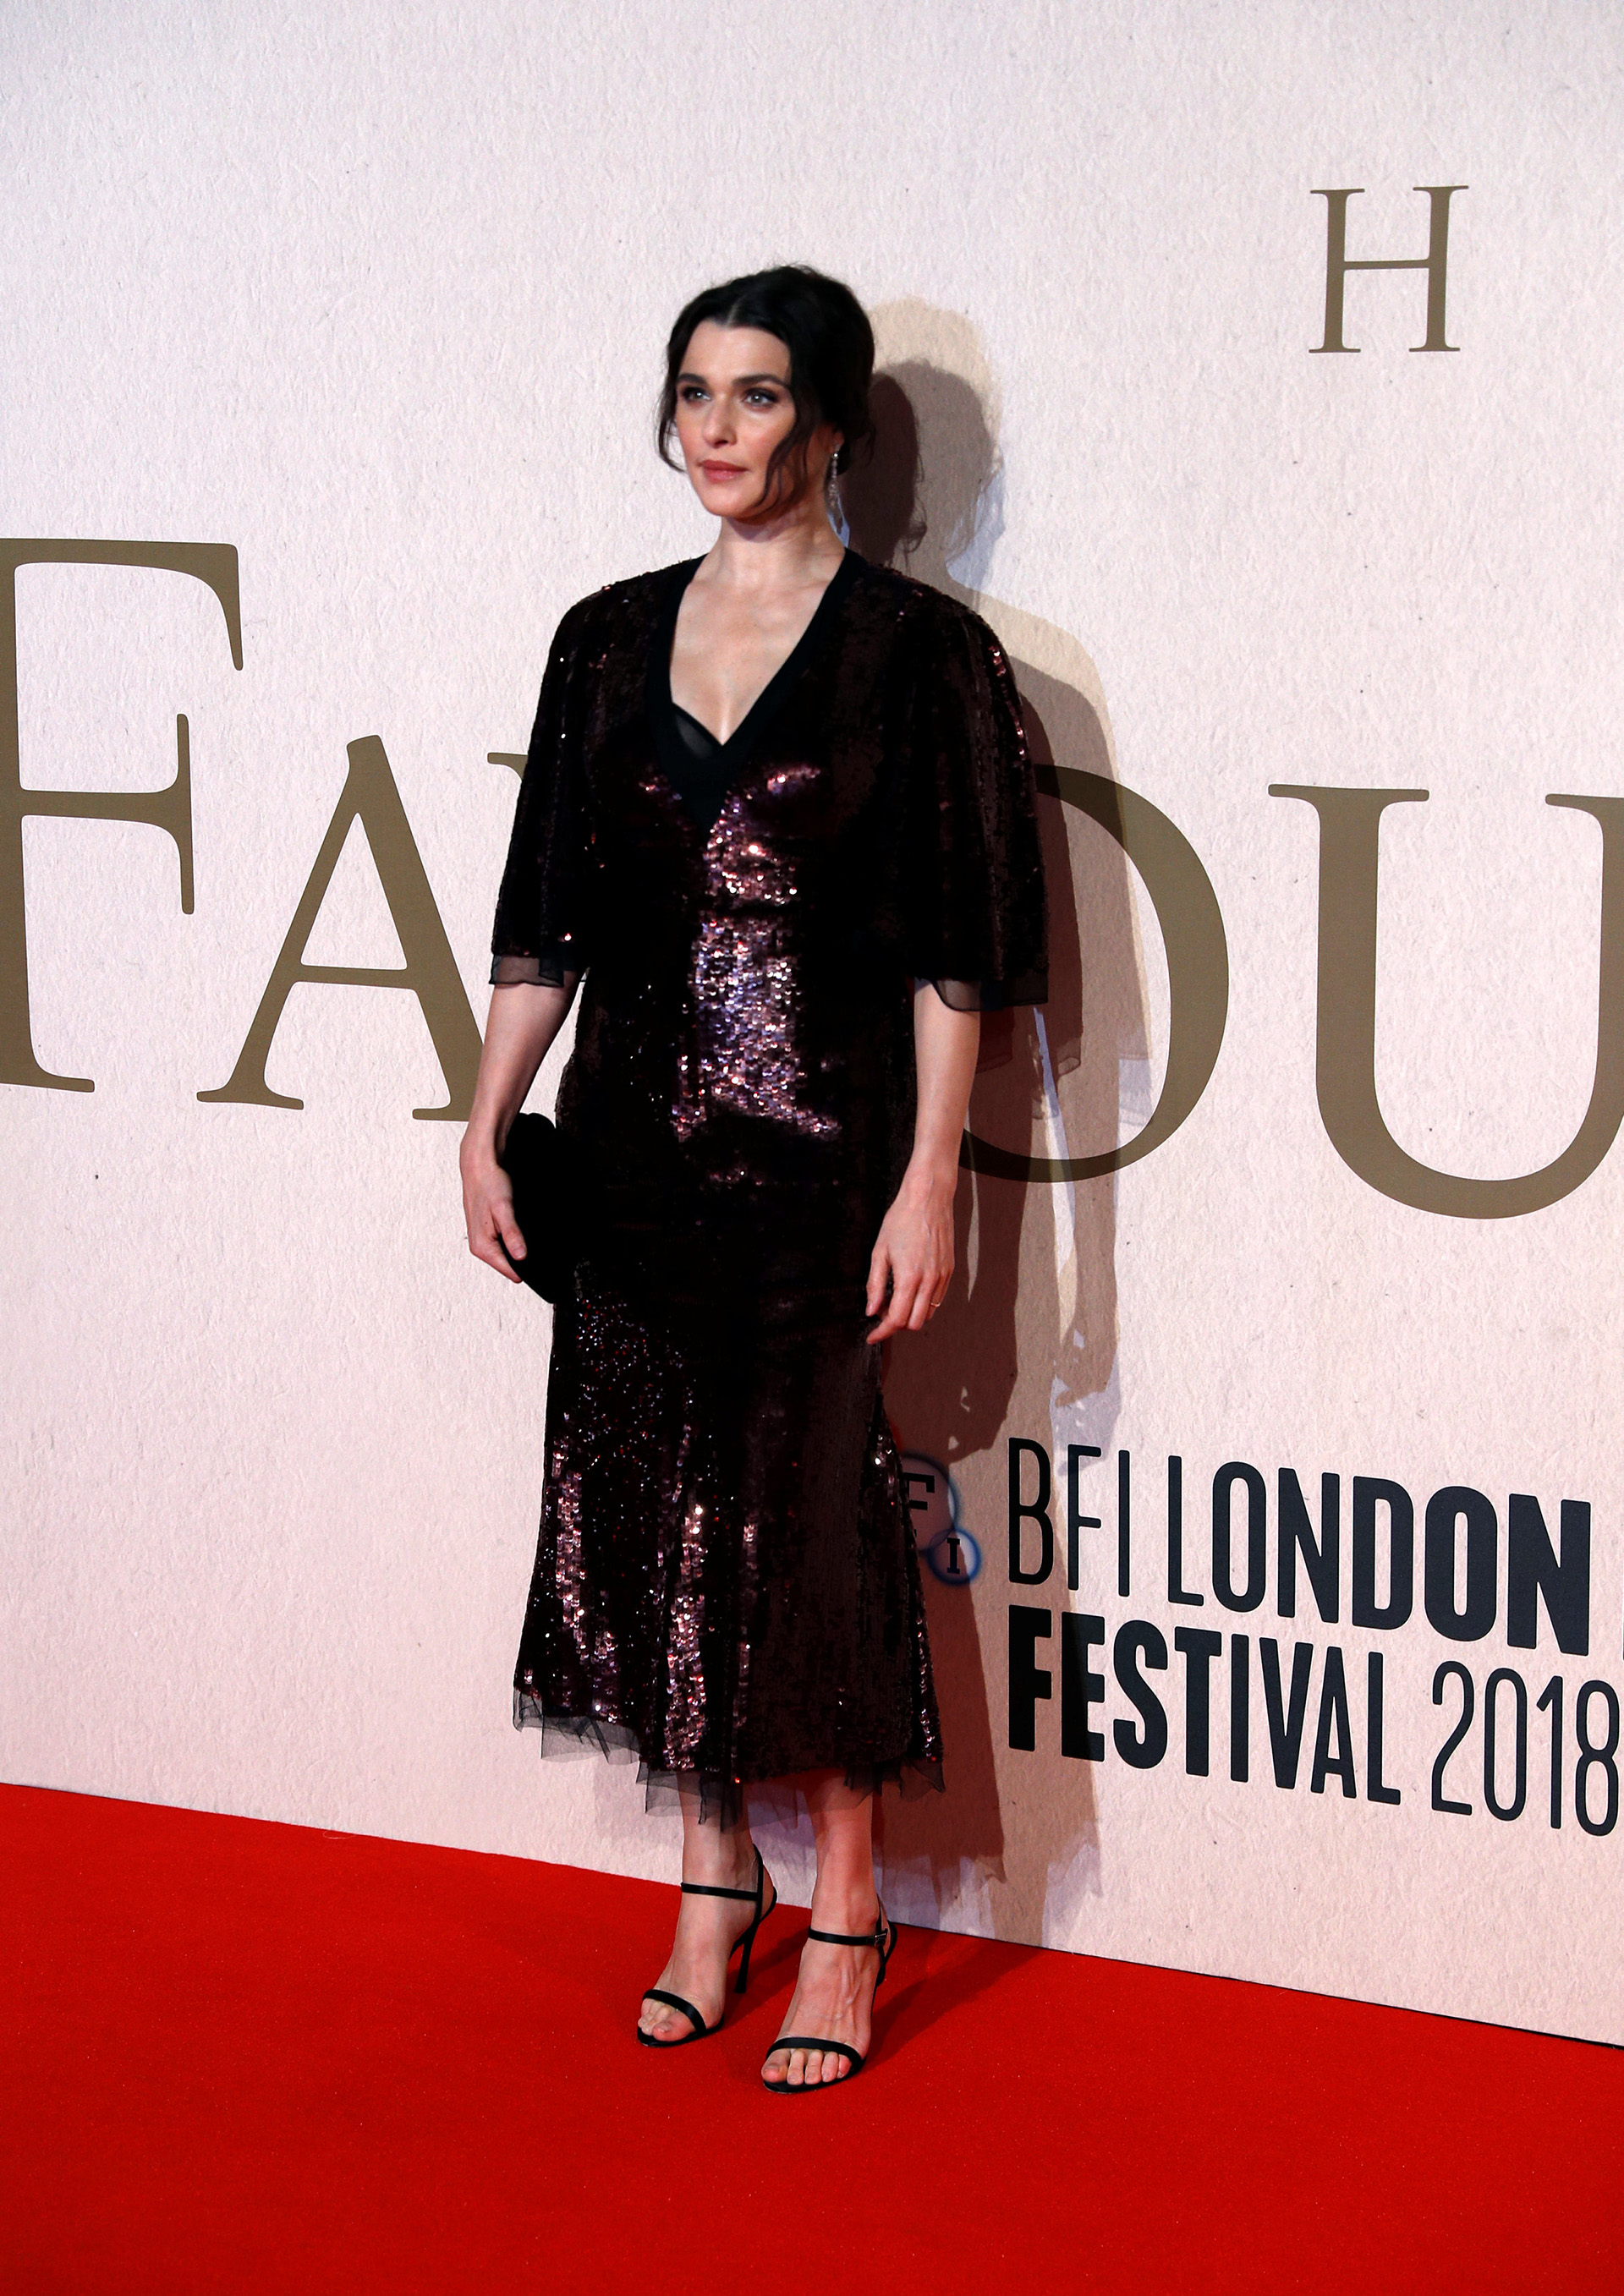 Rachel Weisz eligió una delicada combinación de paillettes y tul, con una falda por debajo de la rodilla